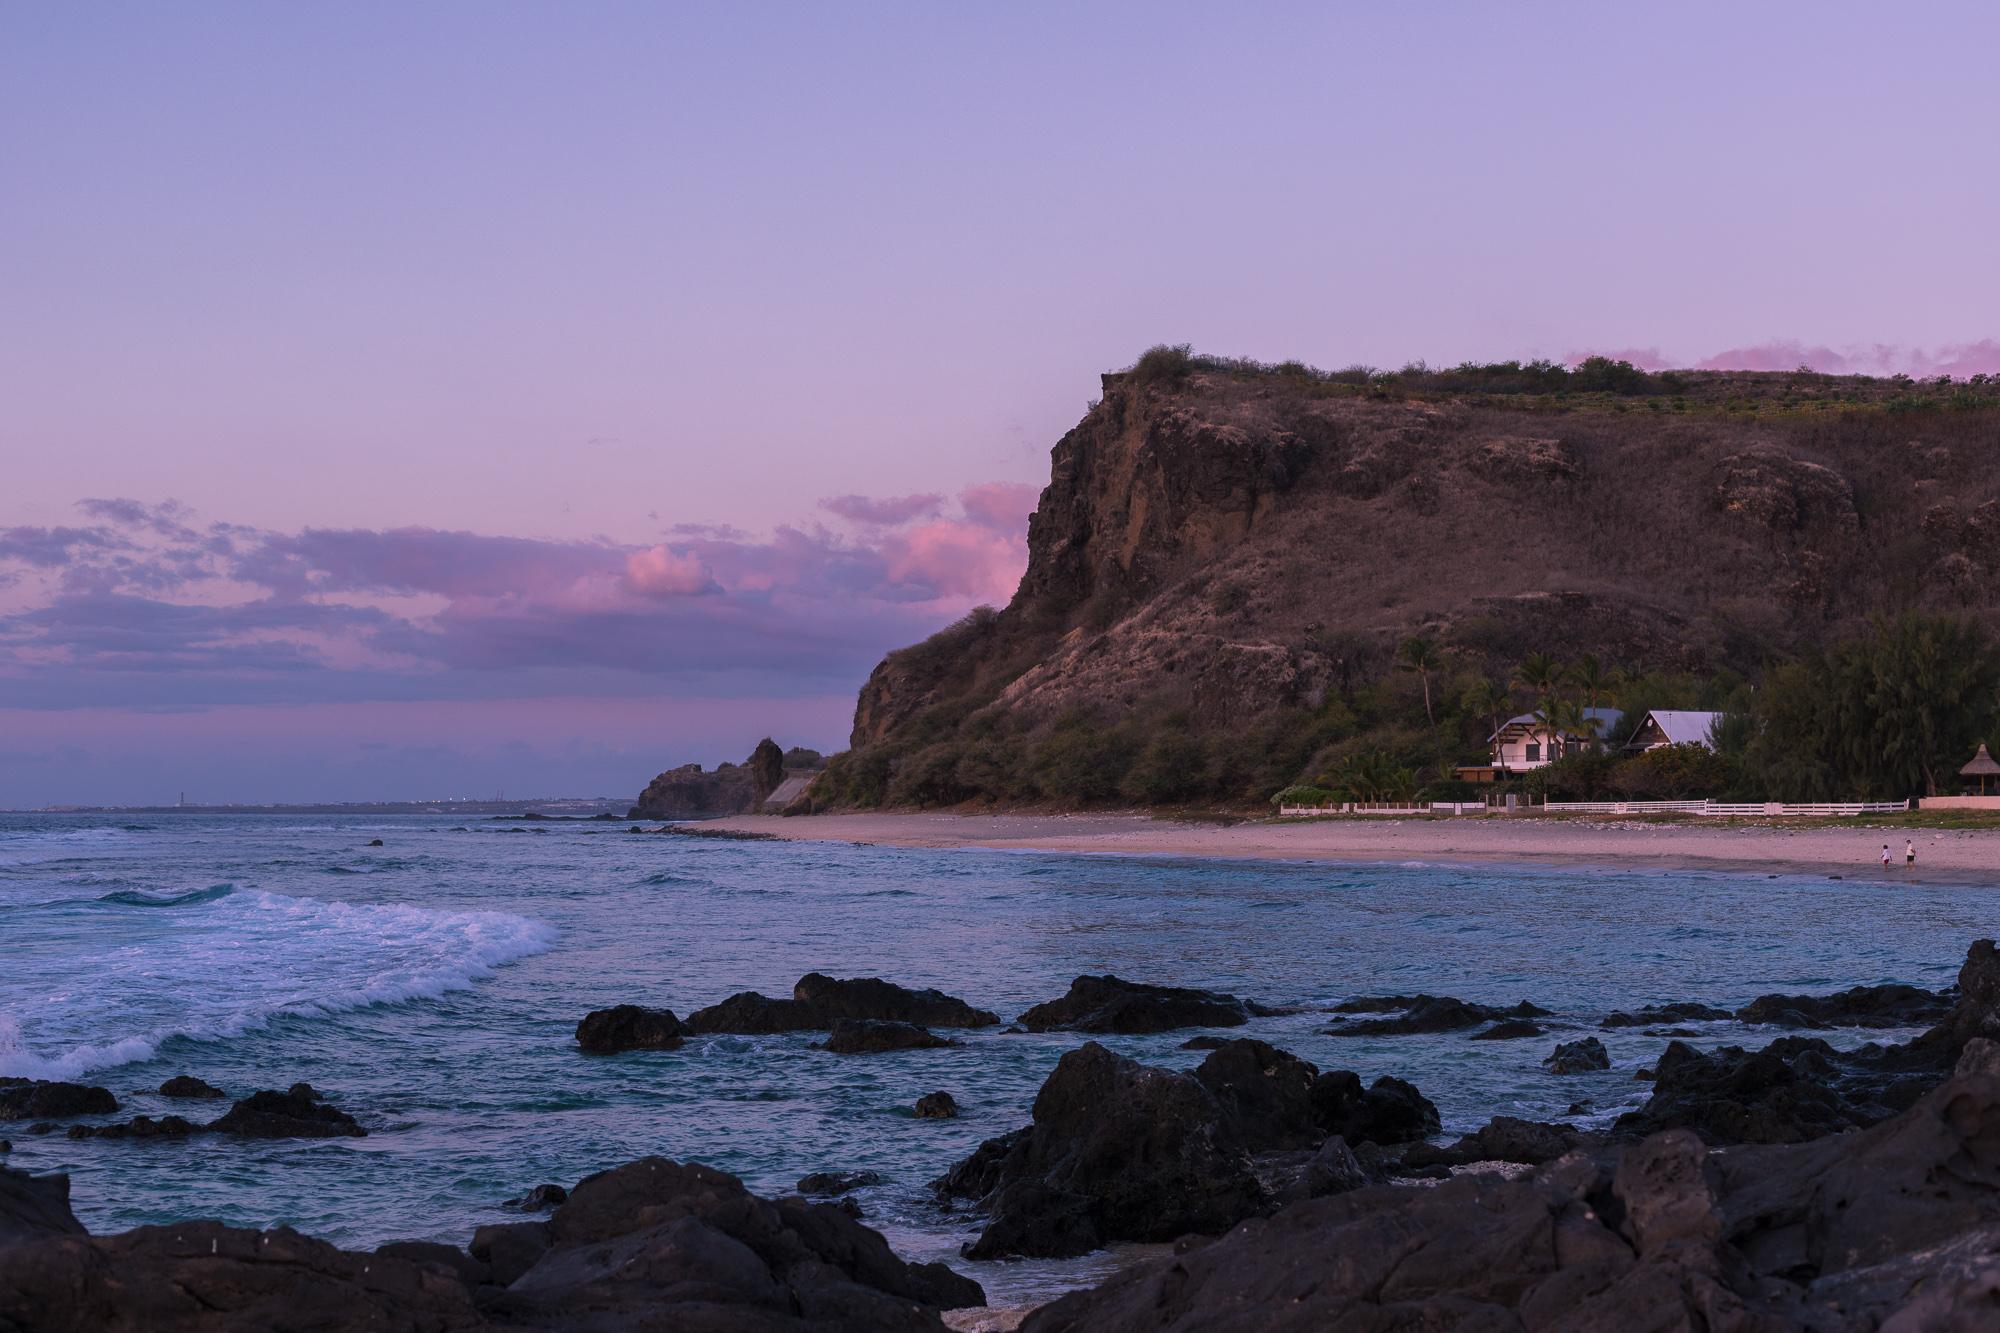 Dernières lueurs roses sur les falaises de Boucan-Canot, La Reunion